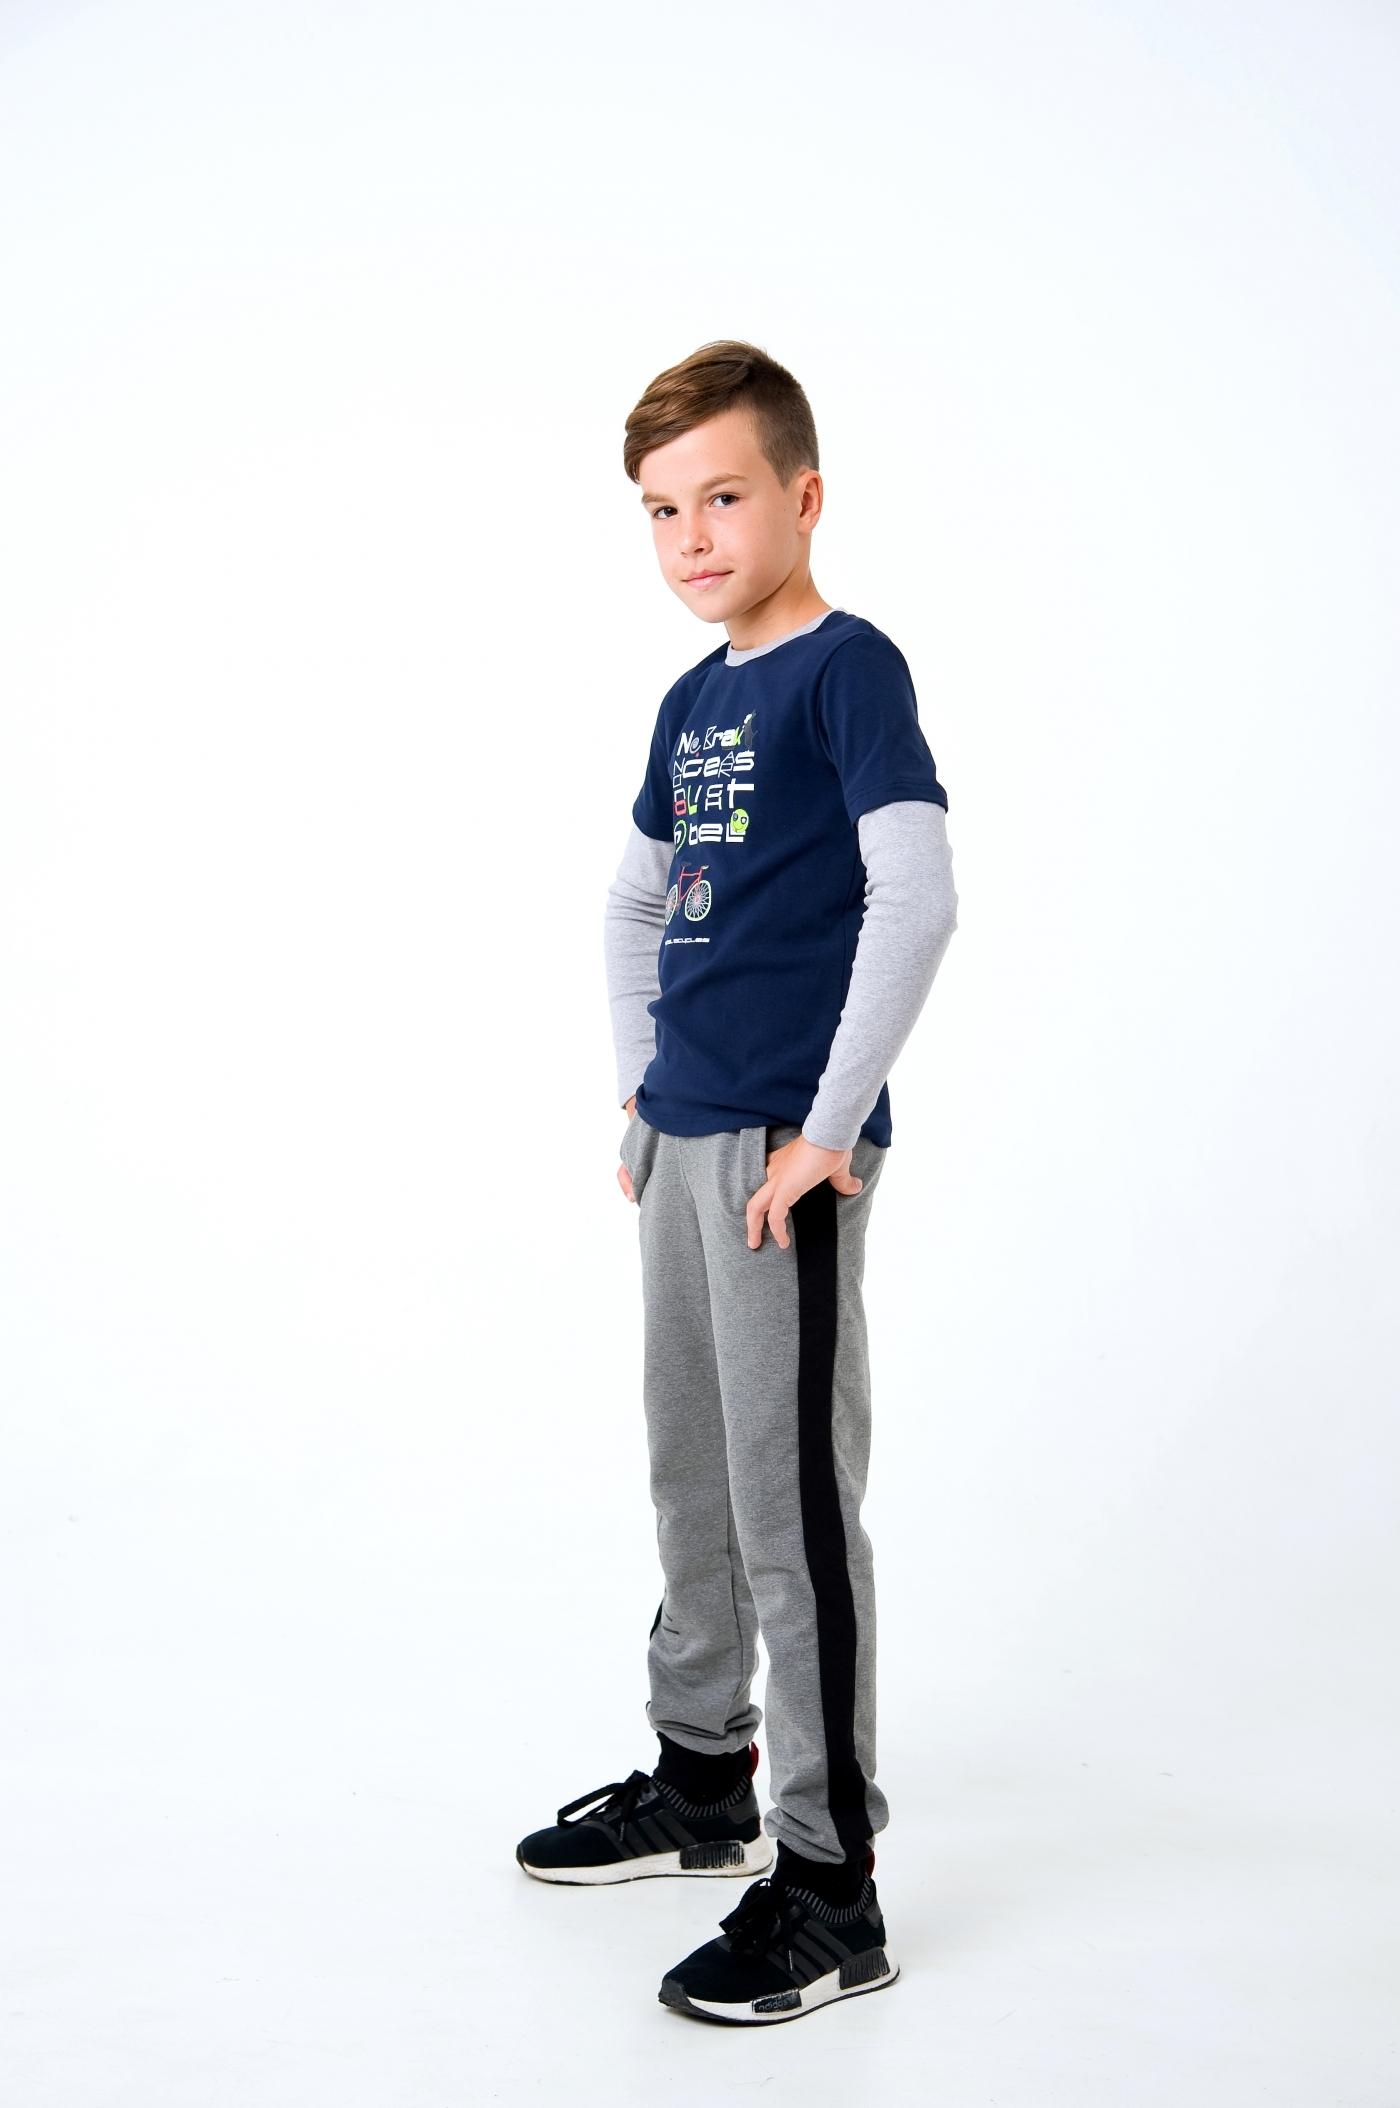 Брюки для мальчика, арт.115108, возраст от 2 до 6 лет